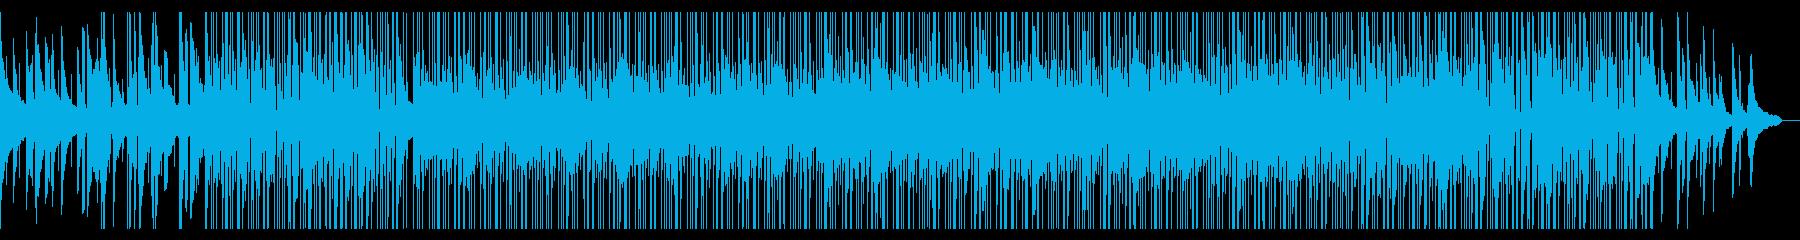 正統派ピアノと生ドラムの癒し系BGMの再生済みの波形